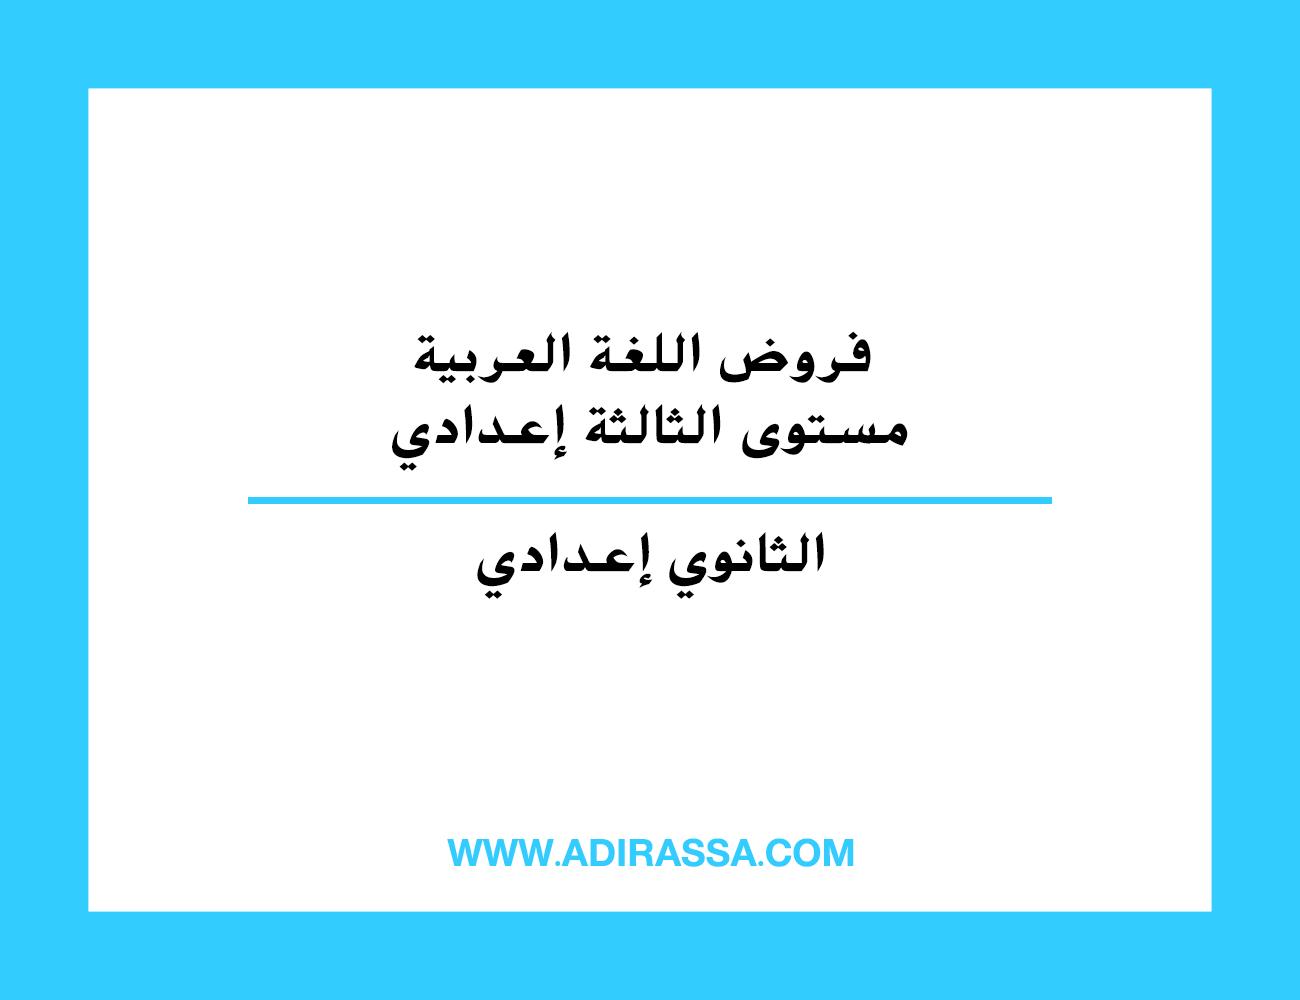 فروض اللغة العربية مستوى الثالثة إعدادي المقررة في المدرسة المغربية